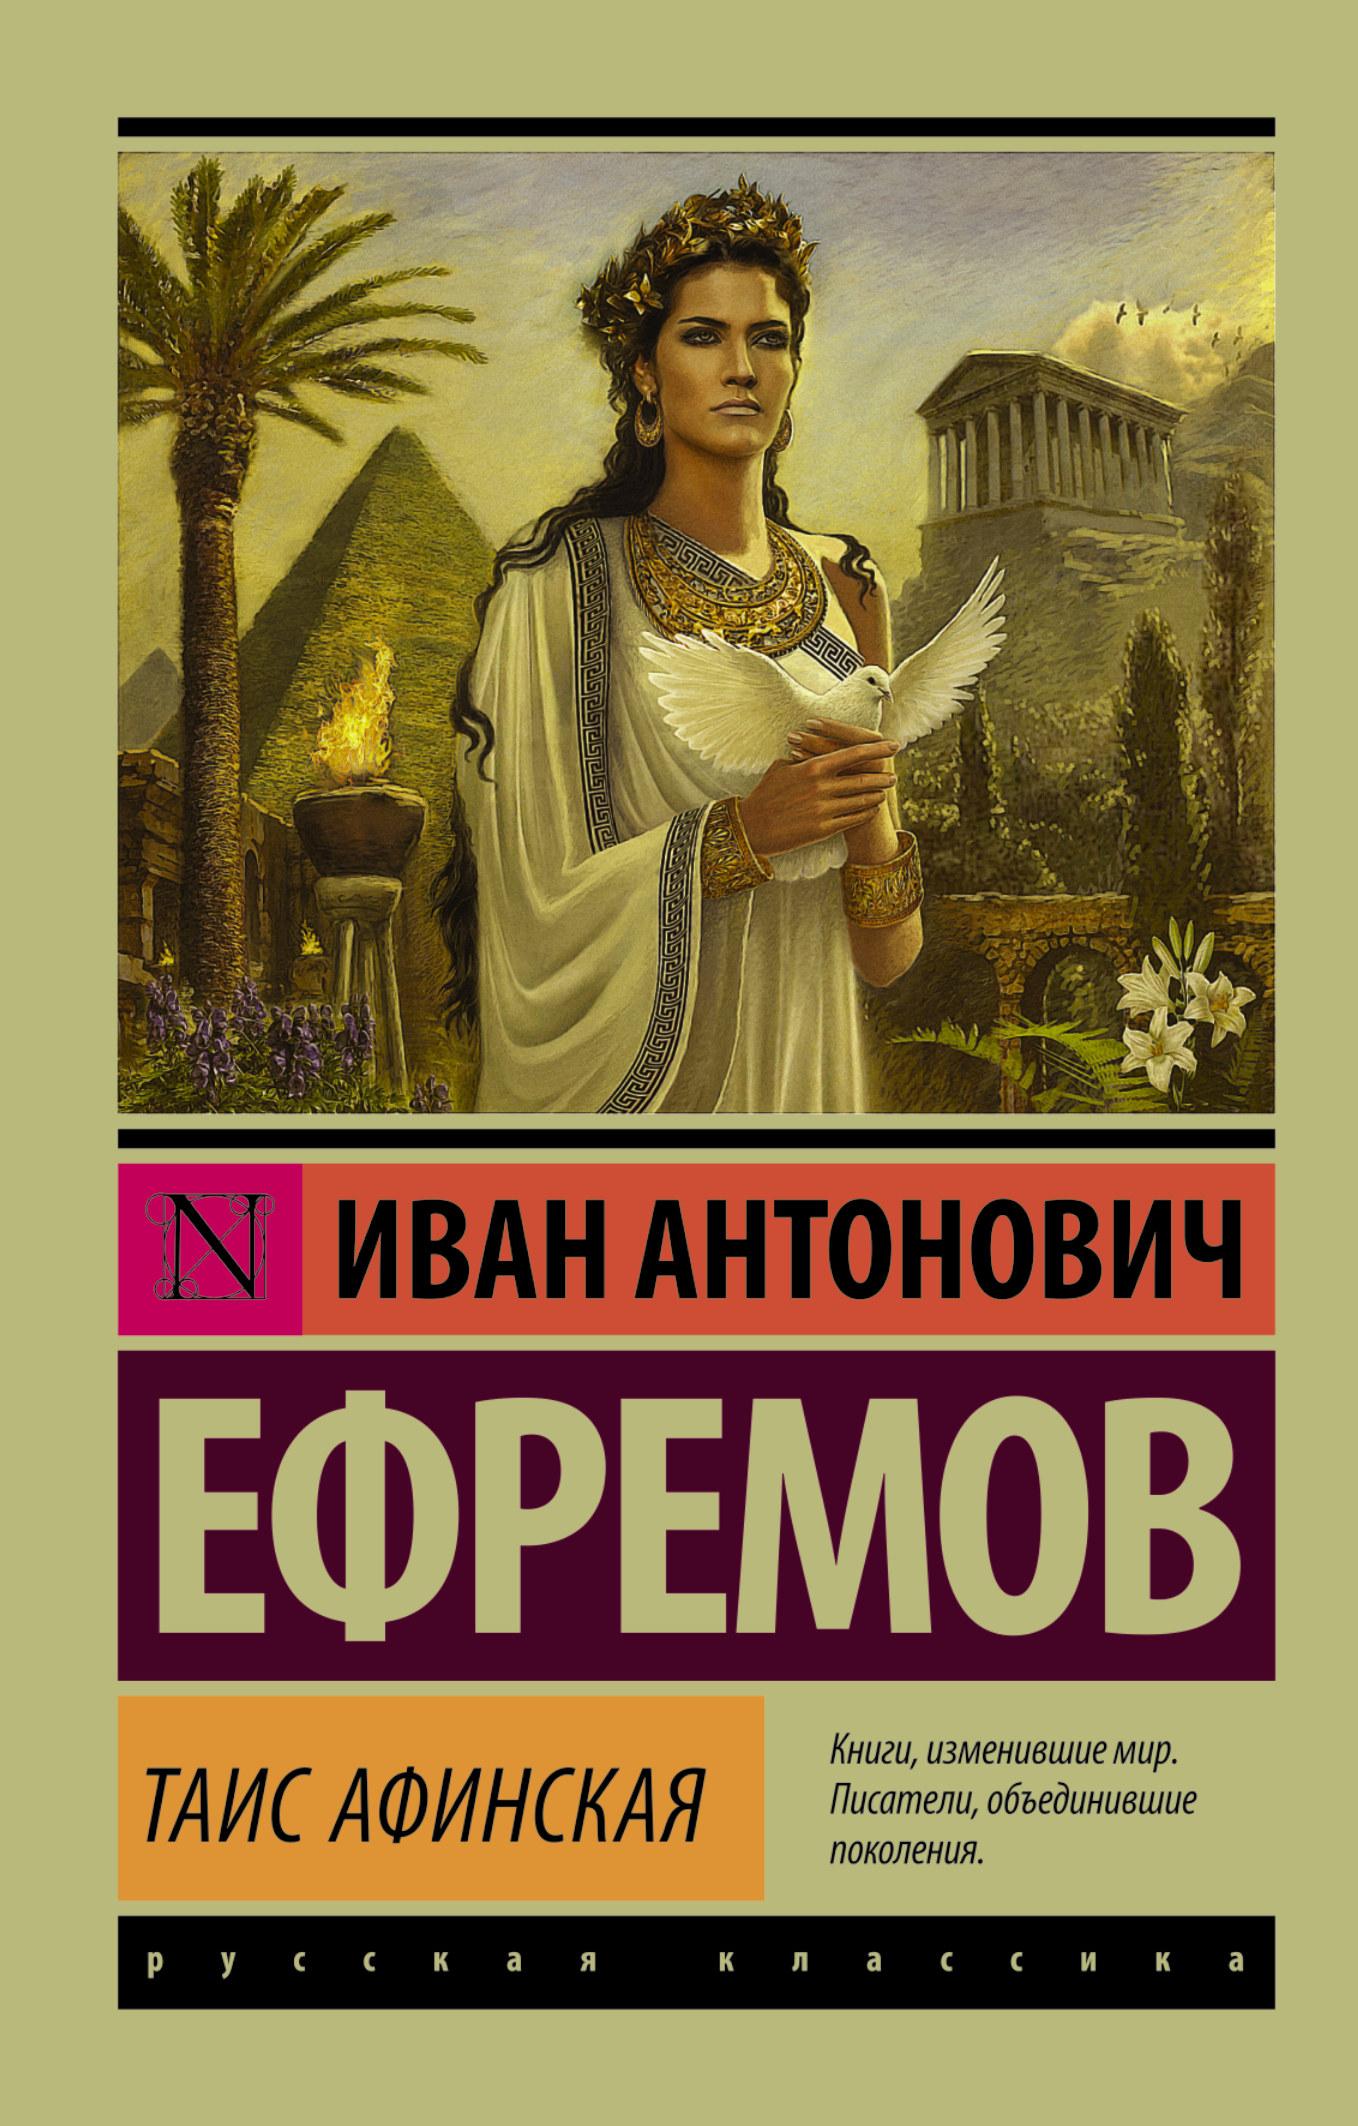 Иван ефремов книги таис афинская скачать бесплатно